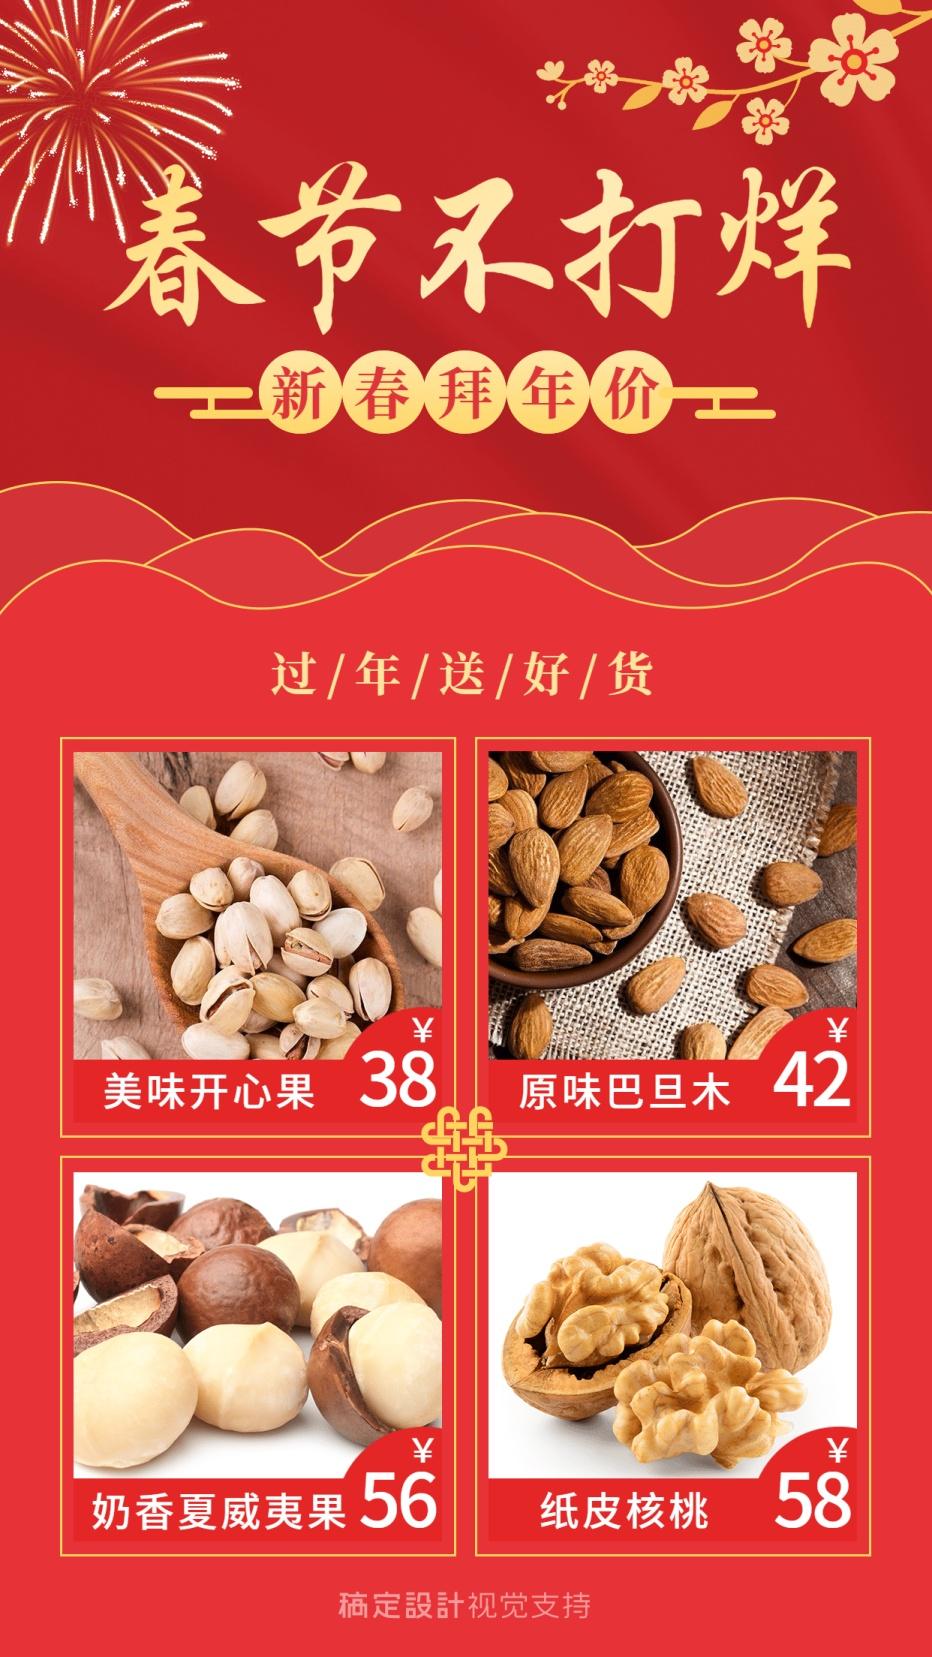 喜庆春节不打烊晒产品